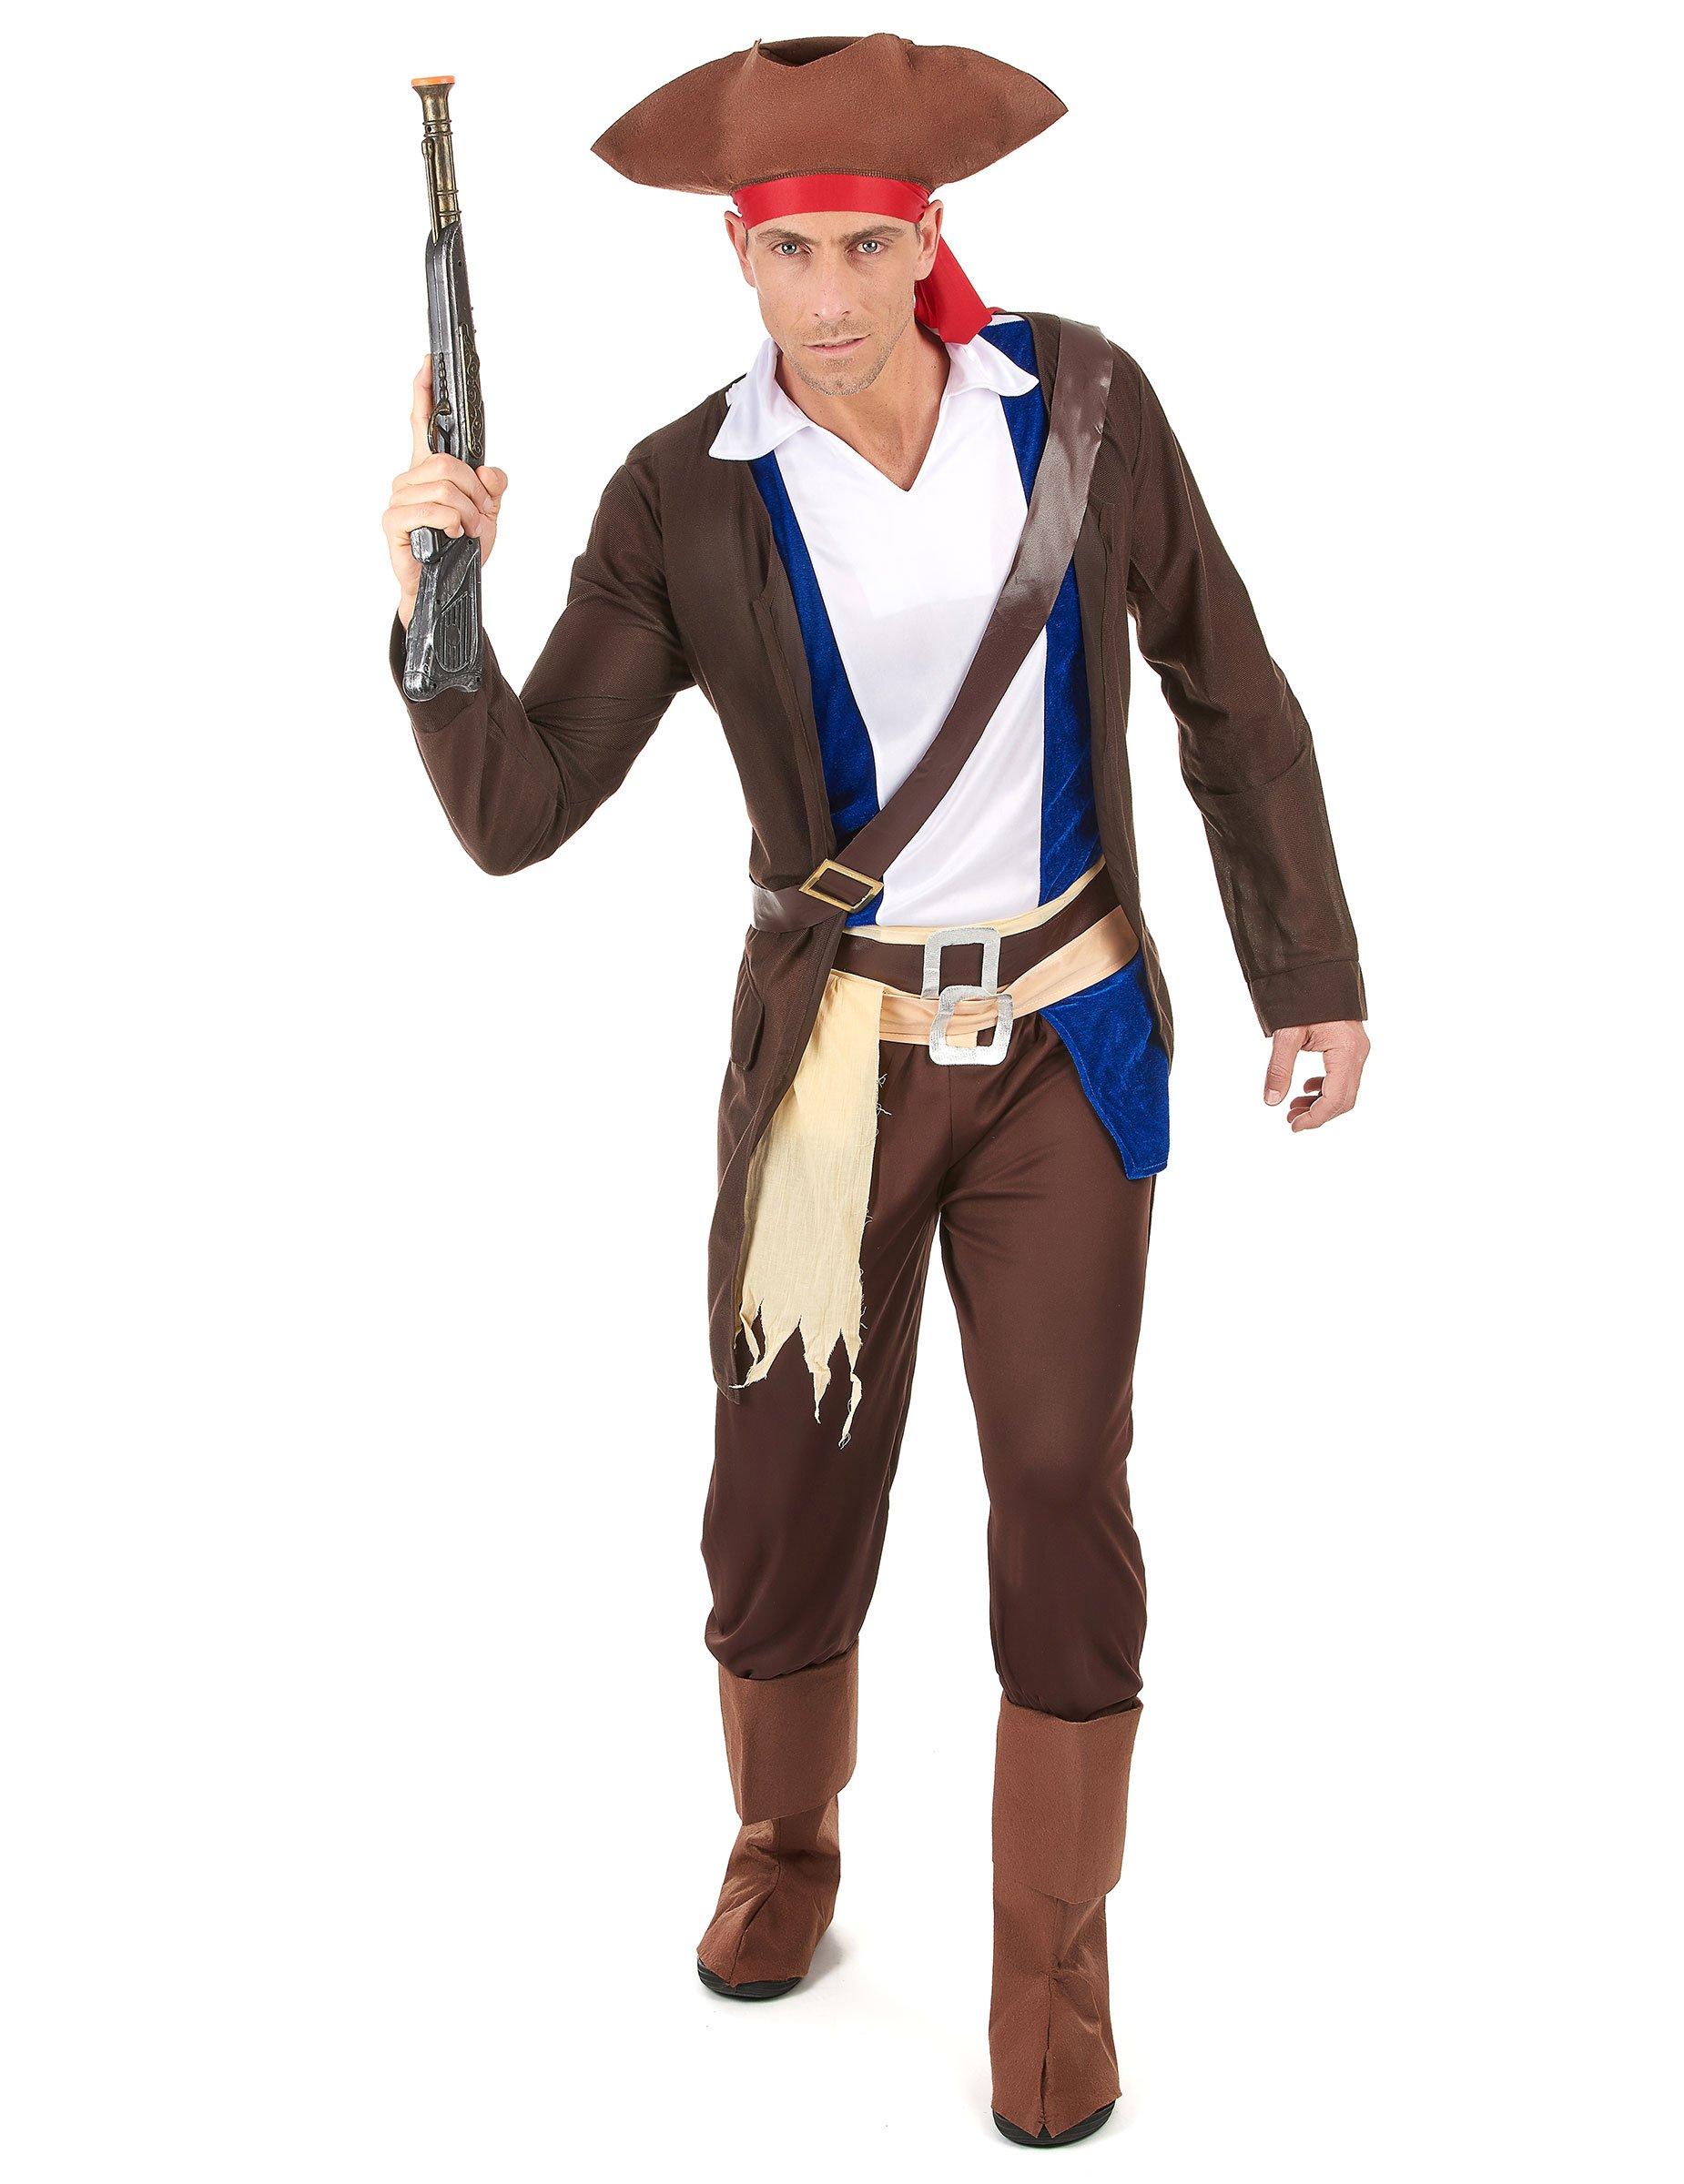 Dguisements adultes Pirates Homme, vente de costumes